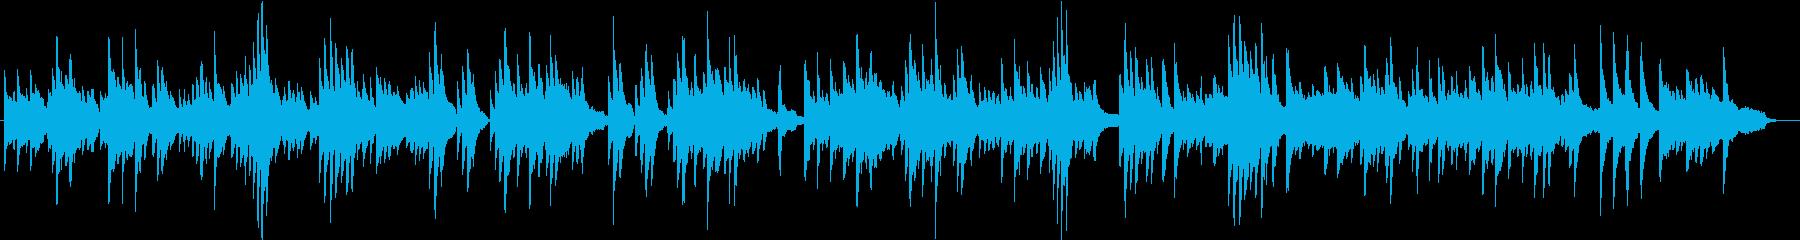 静かで壮大、感動的なピアノのバラードの再生済みの波形